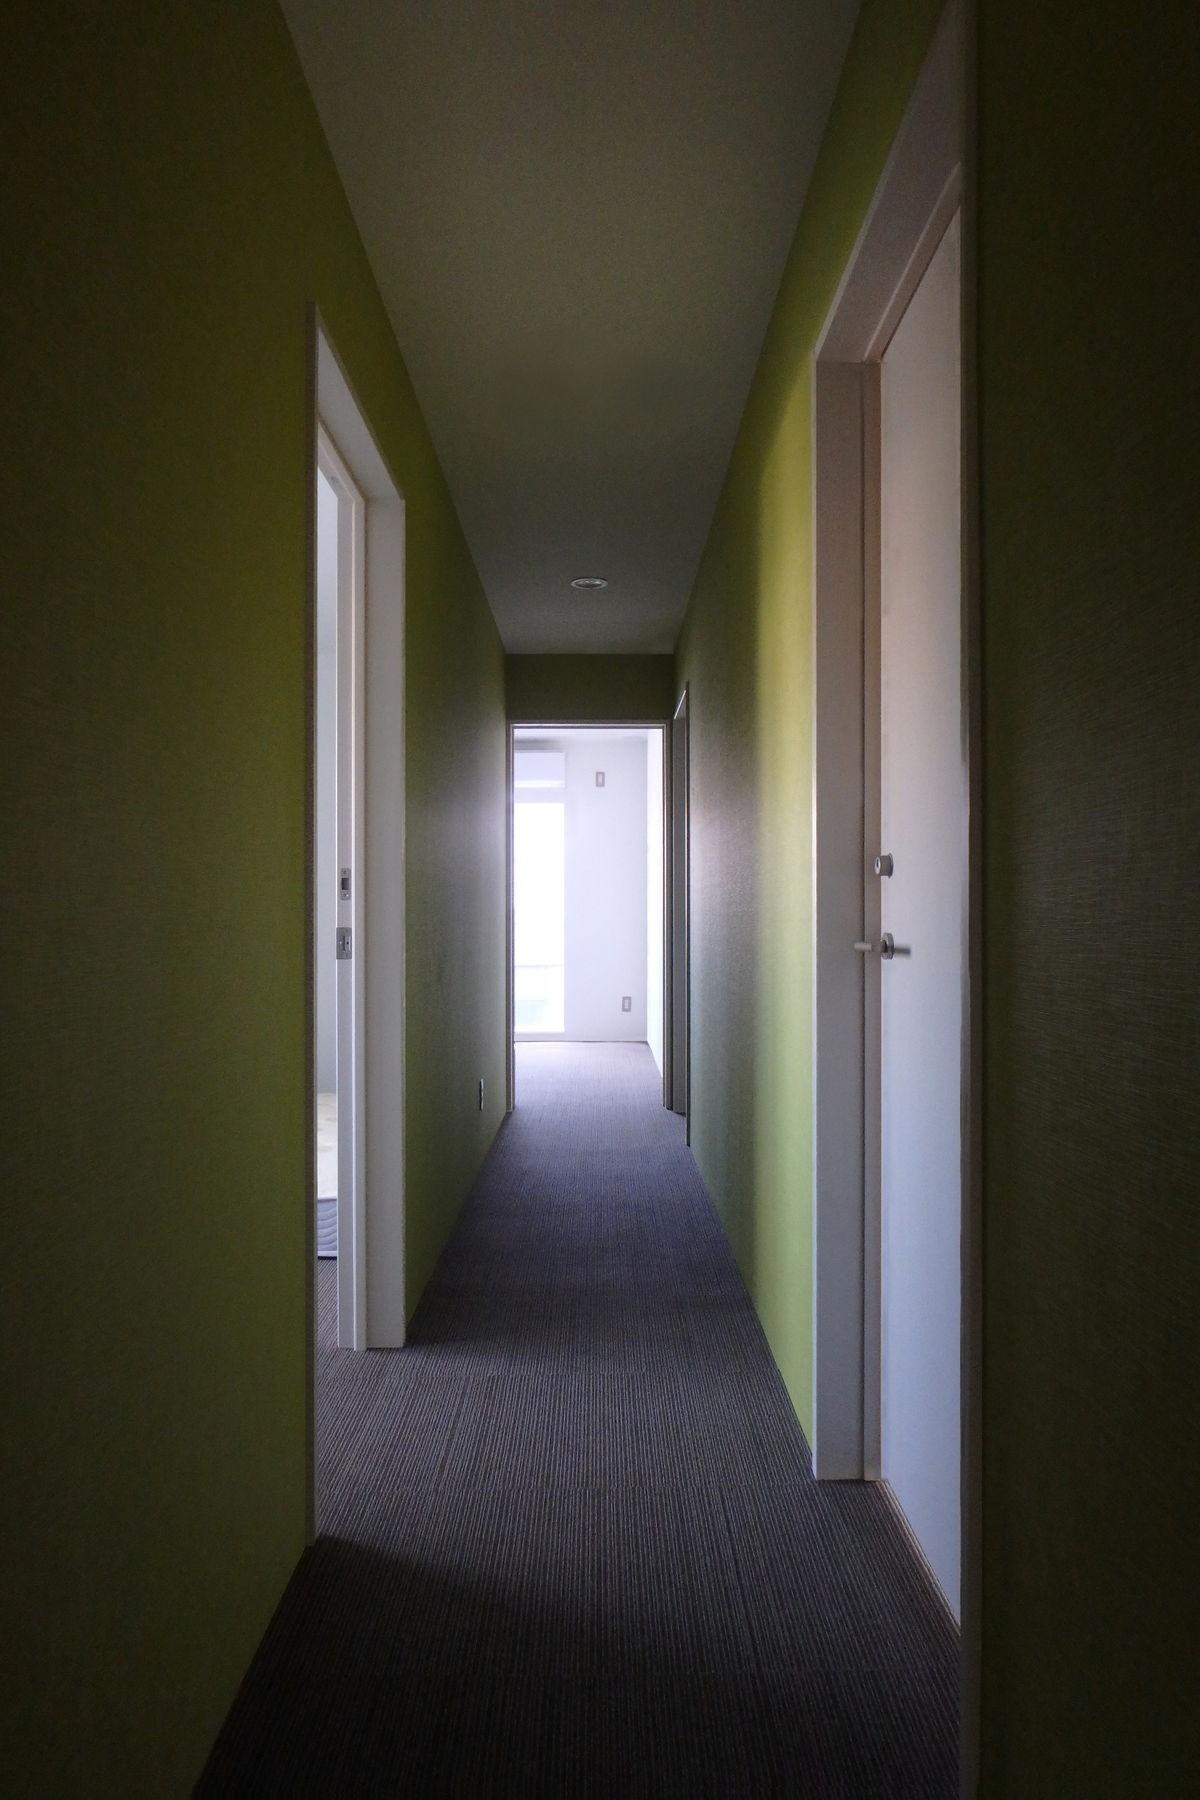 その他事例:3階廊下(Kururi|倉庫・工場をコンバージョンしたゲストハウス・シェアハウス【奈良市】)